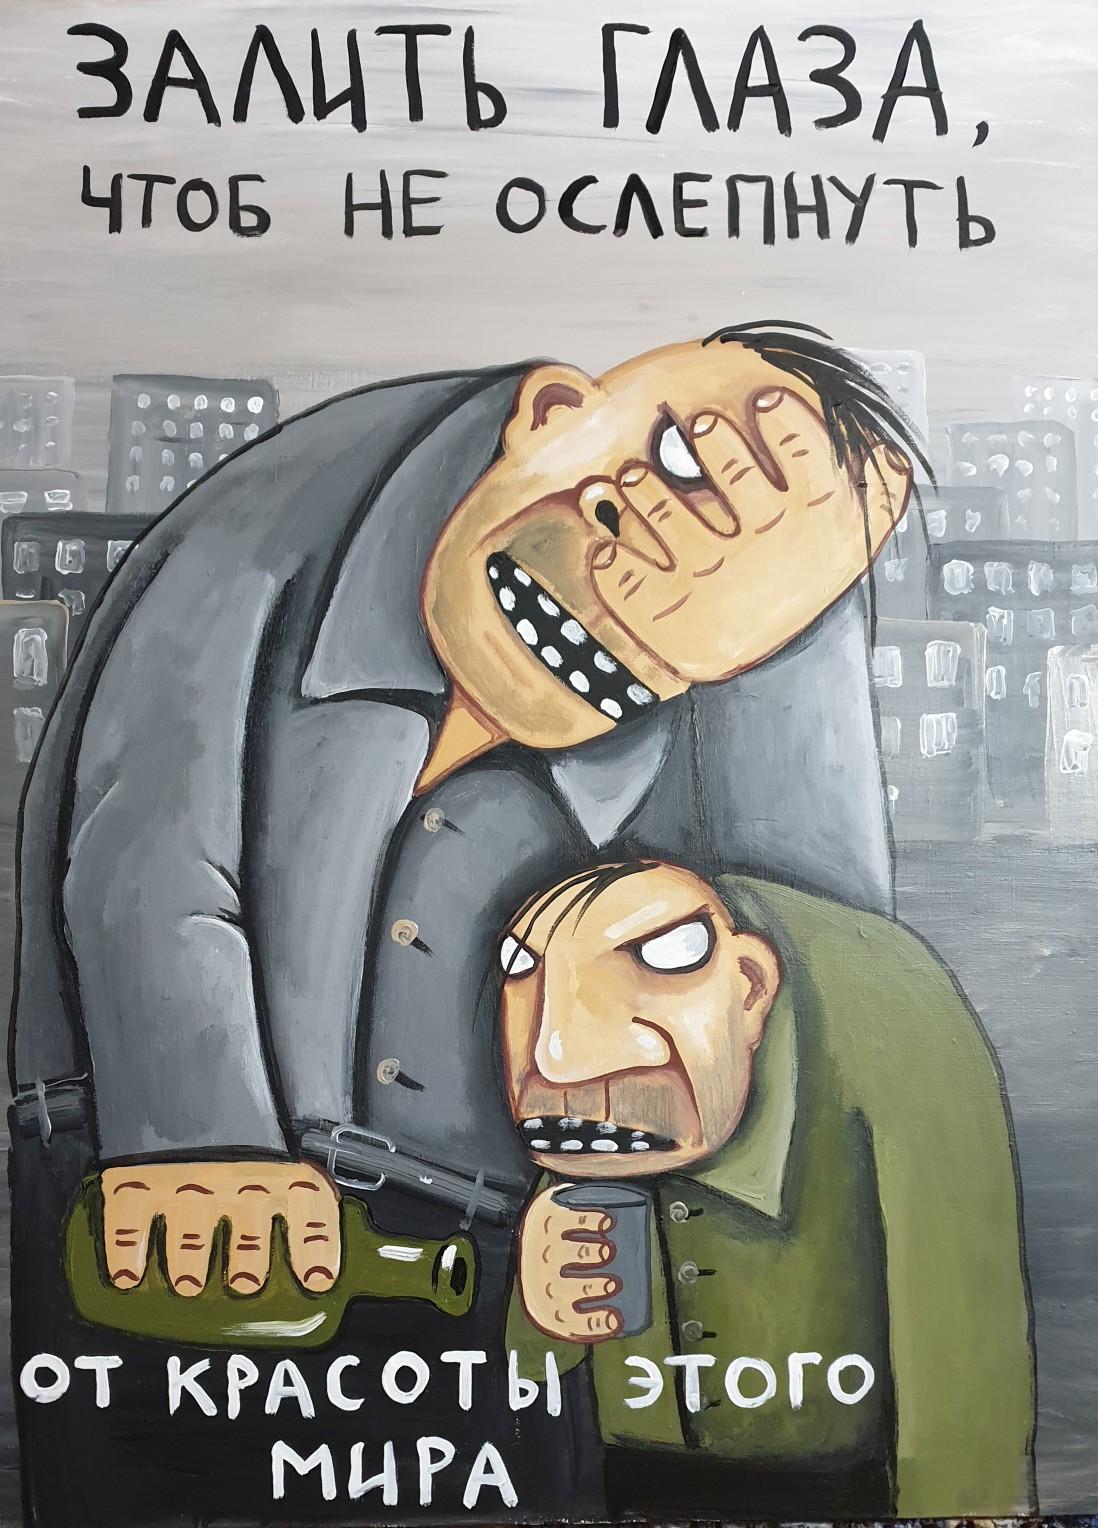 Сколько реально платят в Москве. Статистика зарплат по профессиям за 2018 год